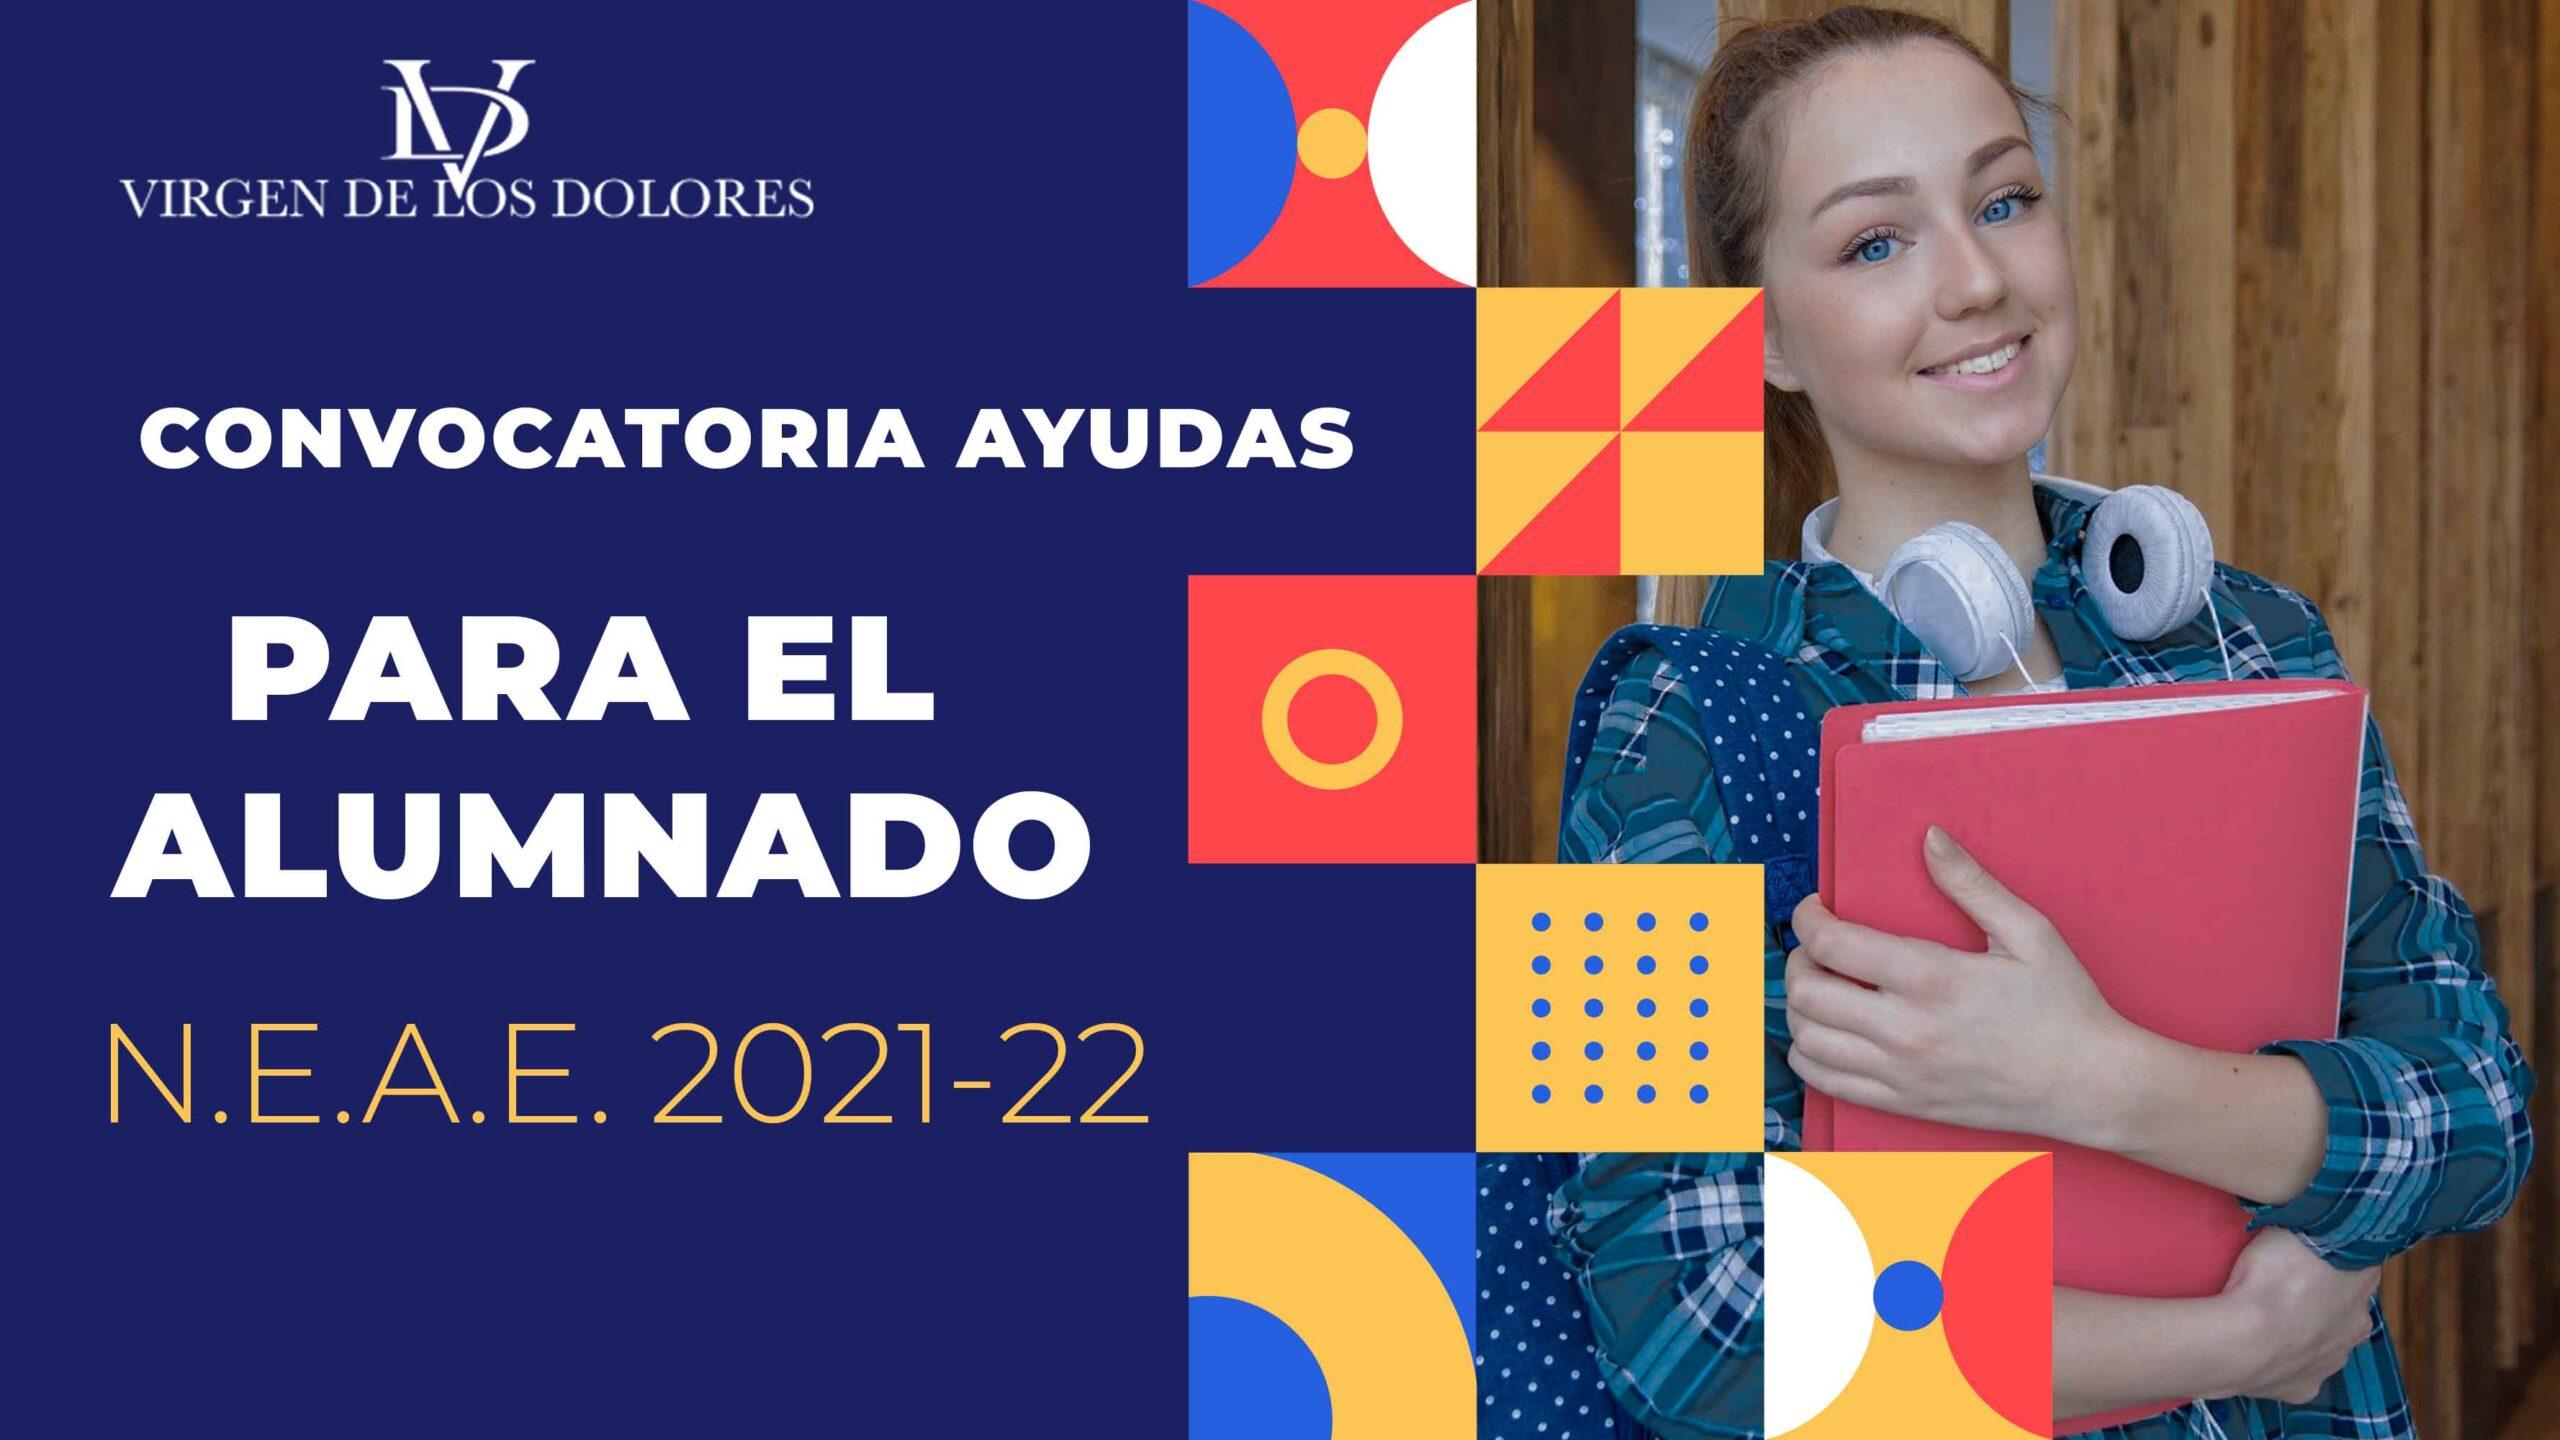 CONVOCATORIA AYUDAS PARA EL ALUMNADO N.E.A.E. 2021-22